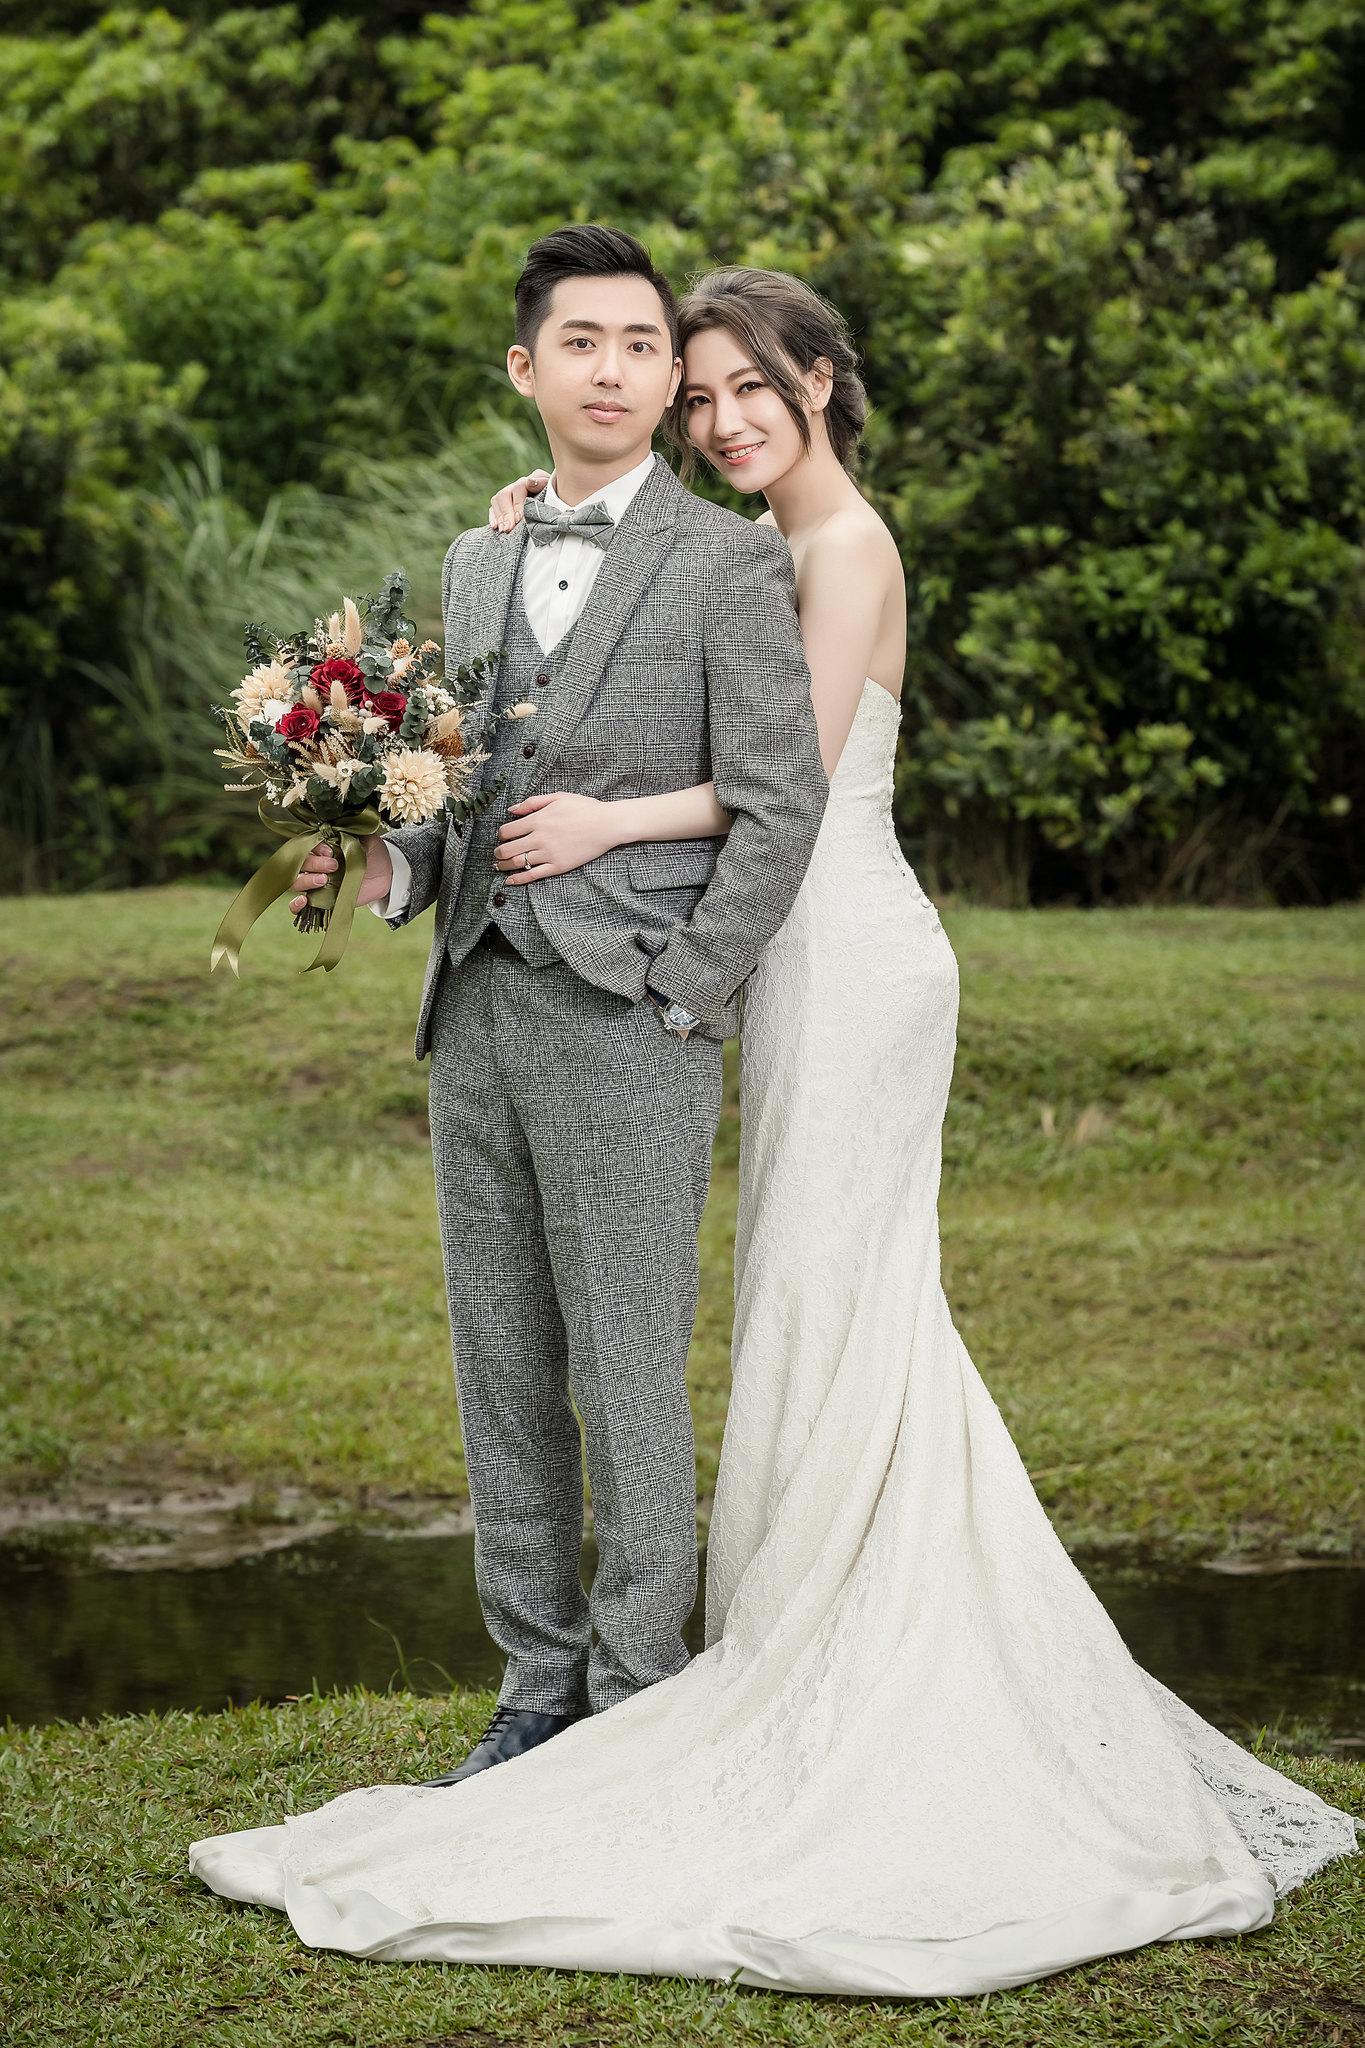 婚紗攝影 台北婚紗 陽明山婚紗